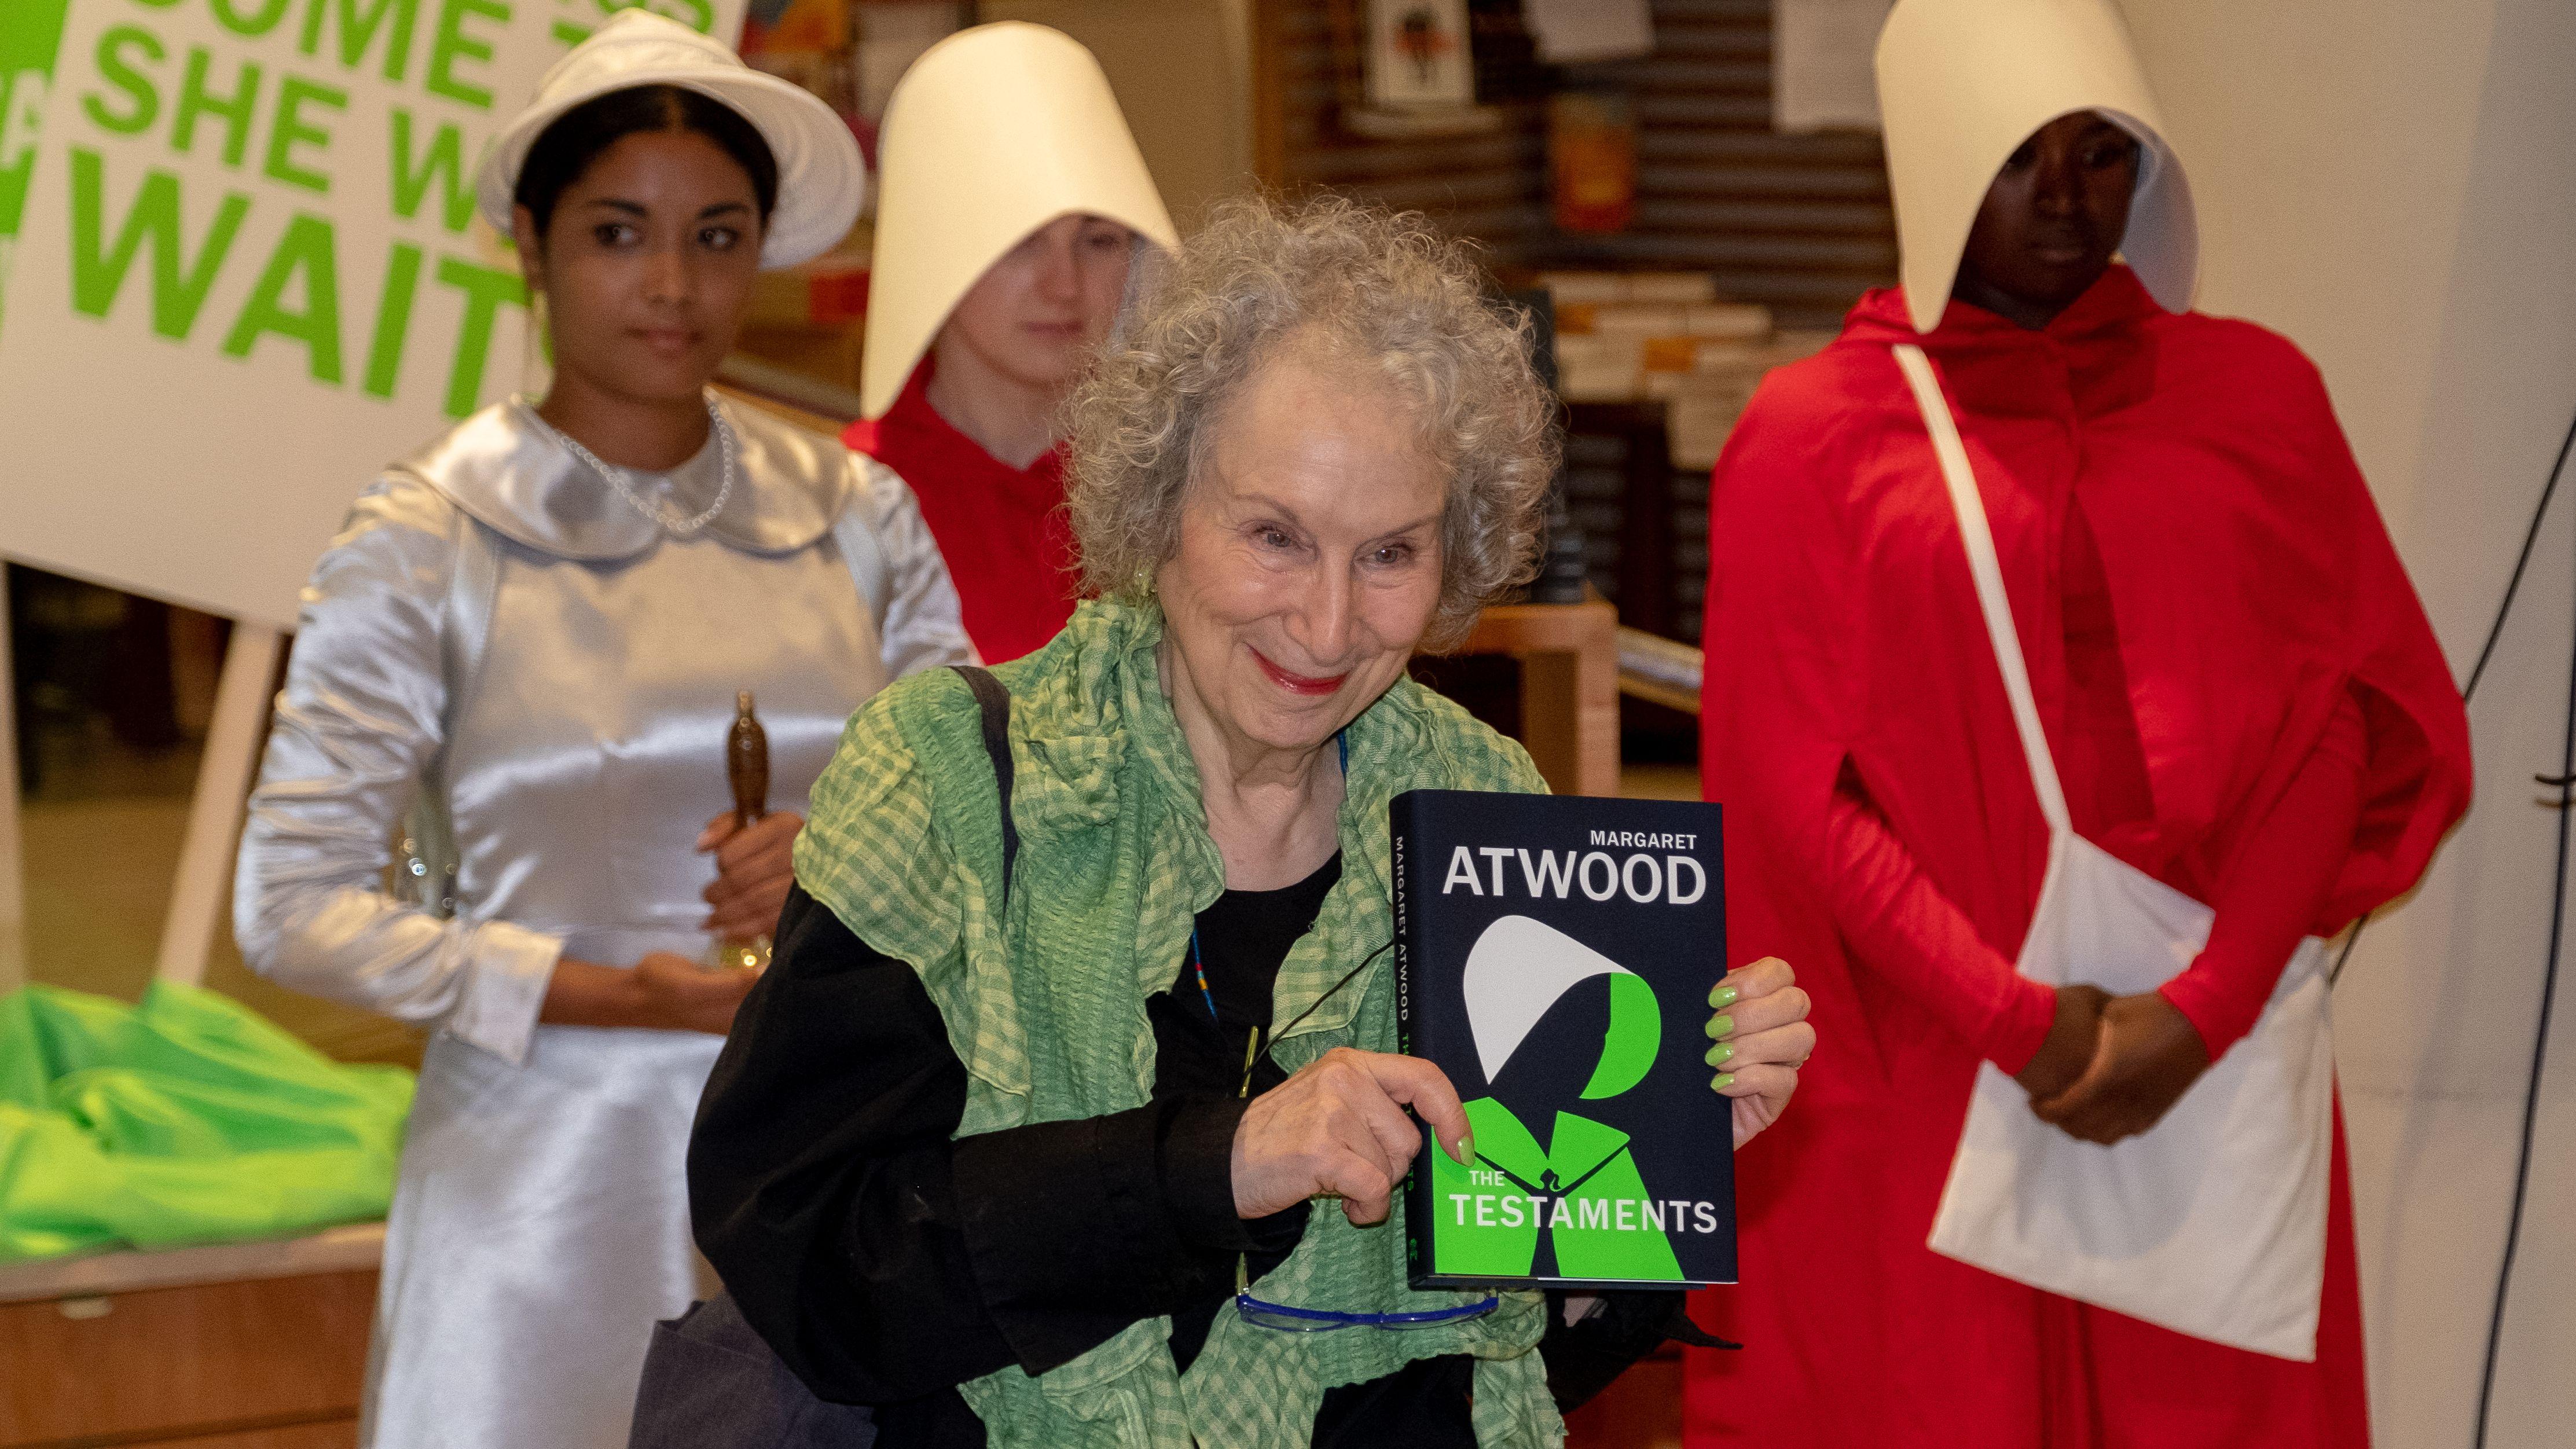 Margaret Atwood hält nach der Lesung in London ihren neuen Roman in die Kameras, im Hintergrund verkörpern drei Frauen in Schwesternkostümen ihre drei Romanheldinnen